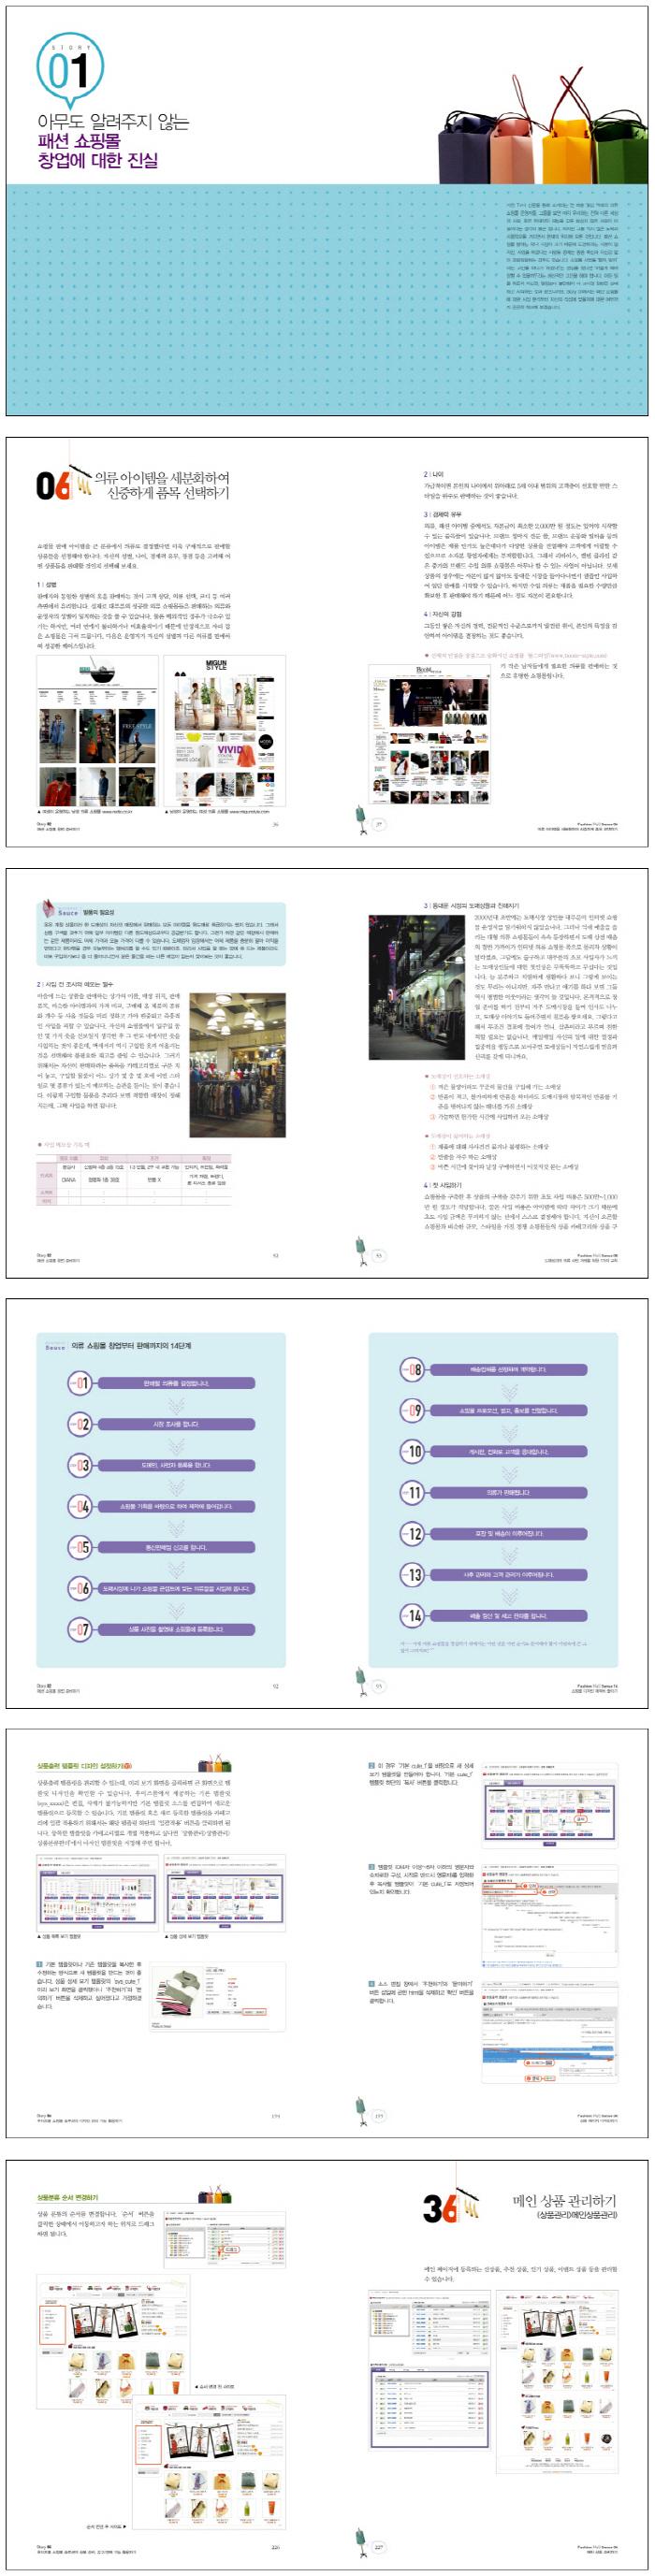 패션쇼핑몰 창업 운영 노하우 65(후이즈의 강력한 쇼핑몰 솔루션을 활용한) 도서 상세이미지